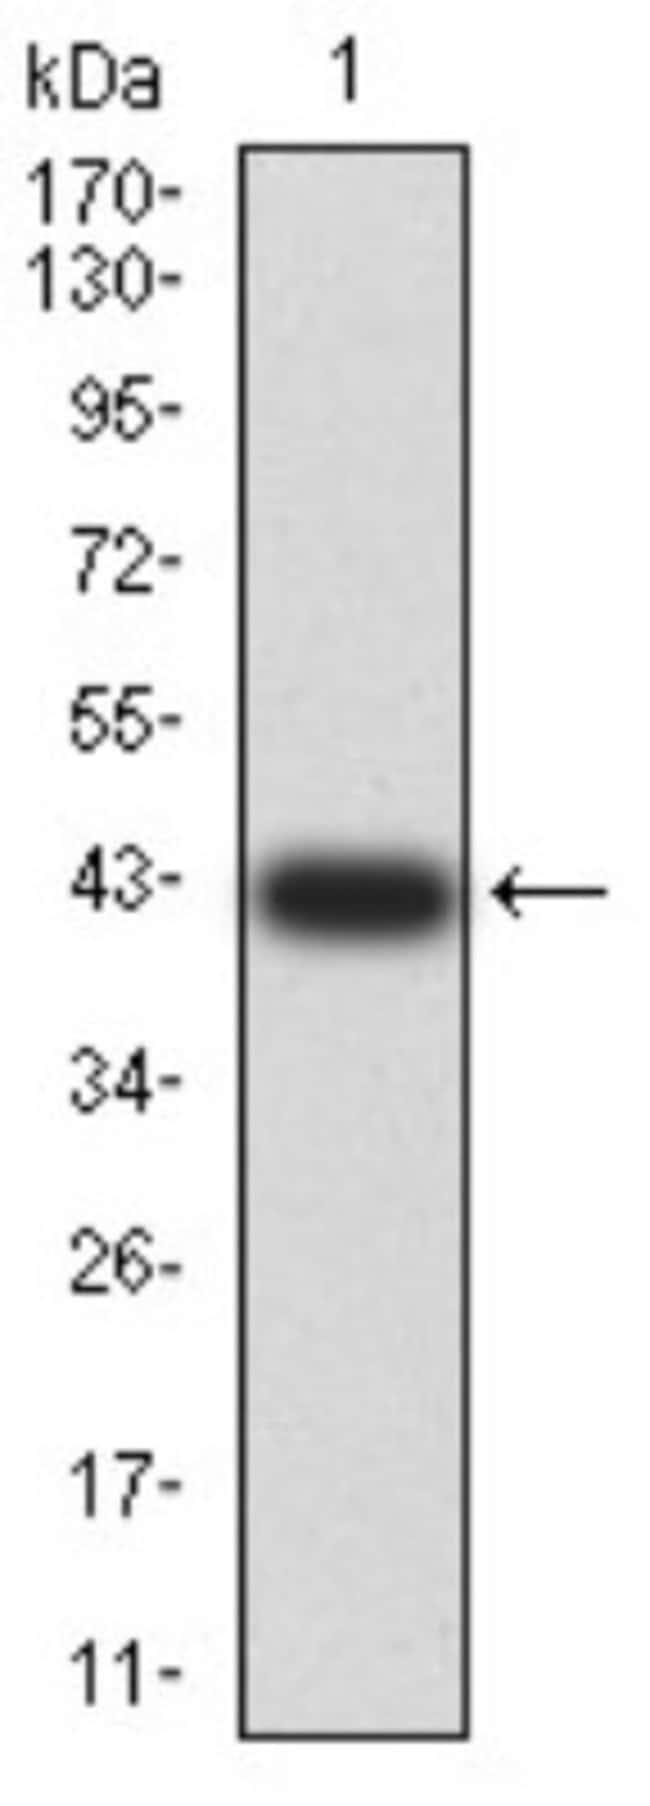 AEBP2 Mouse anti-Human, Clone: 3E3C10, Novus Biologicals 0.1 ml; Unconjugated